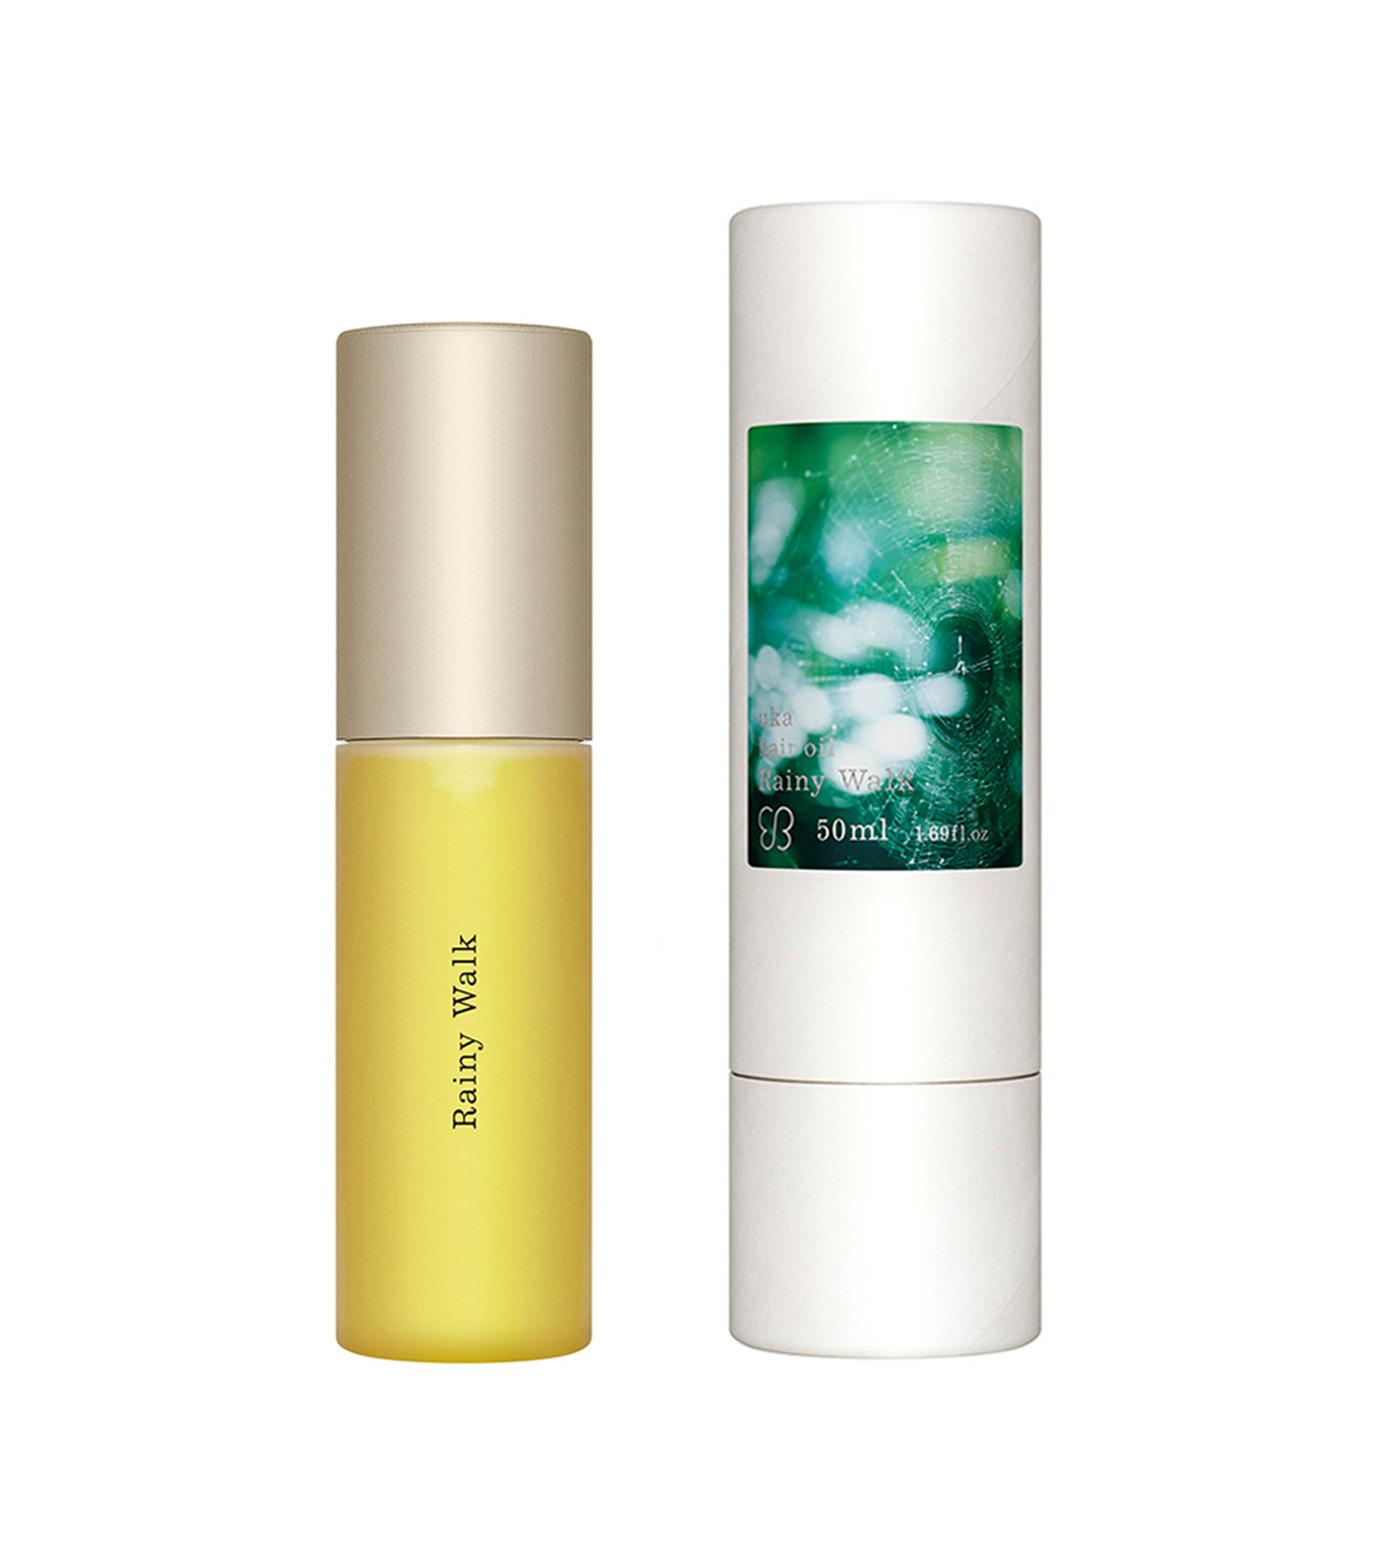 uka(ウカ)のHair oil Rainy Walk-WHITE(HAIR-CARE/HAIR-CARE)-3000016-4 拡大詳細画像1